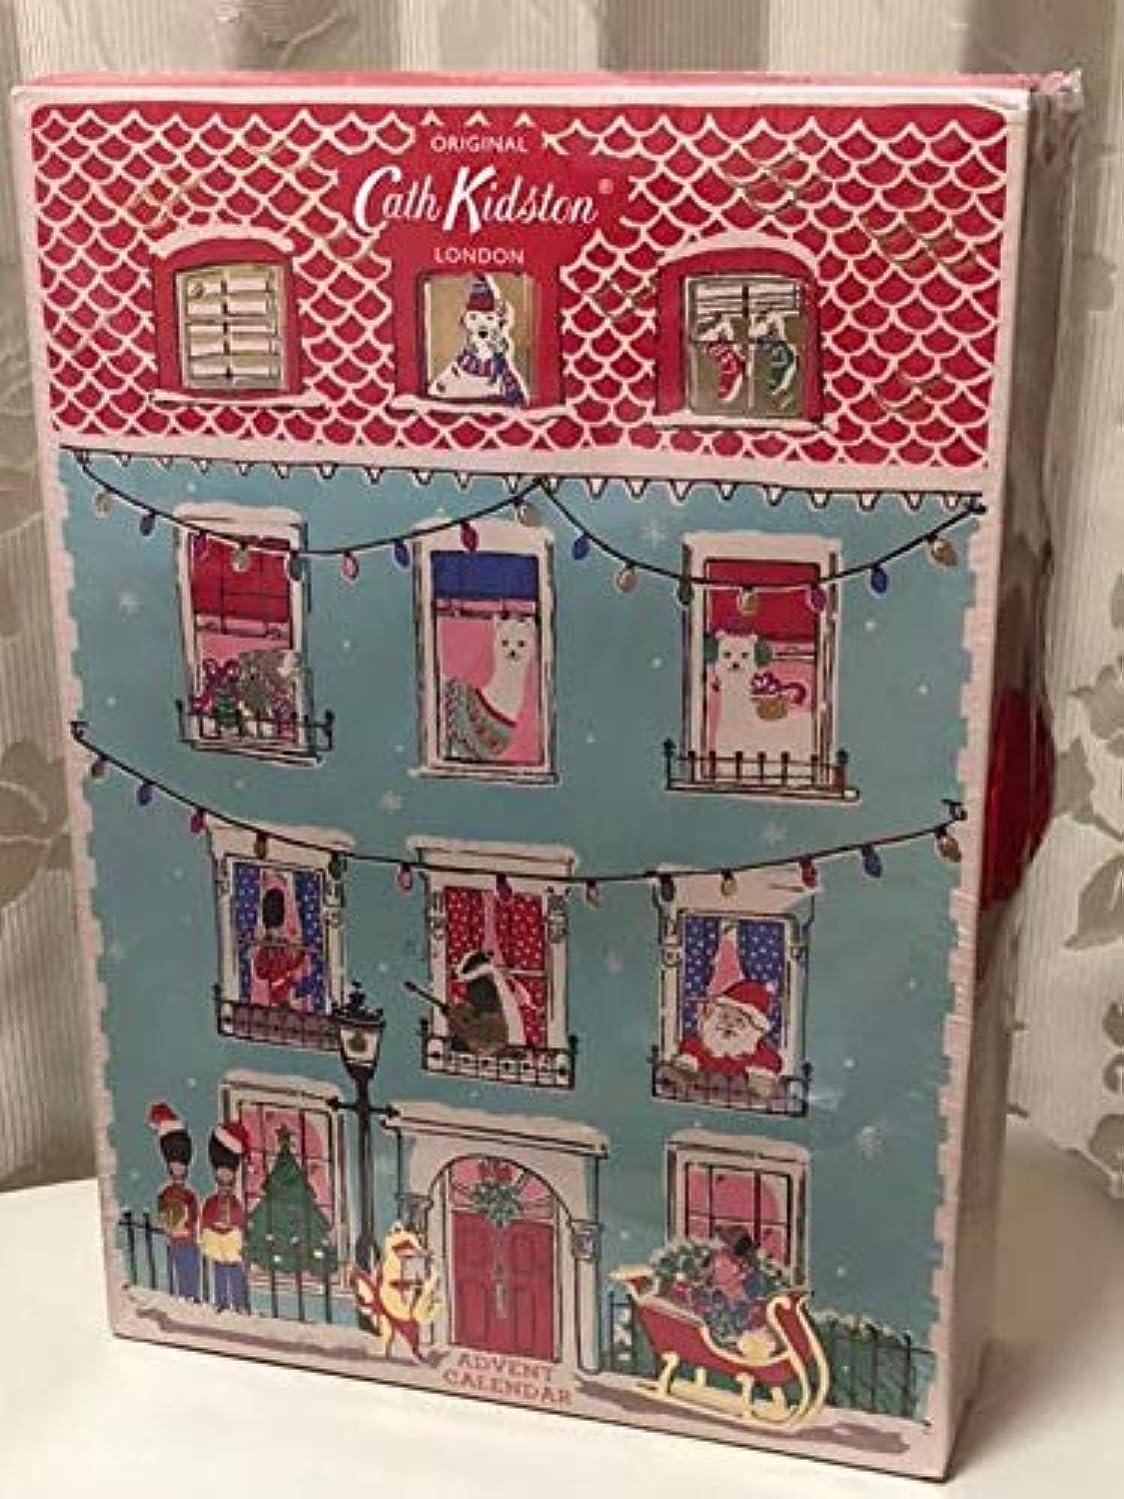 繁栄する引退した血まみれキャドキッドソン Cath Kidson 日本未発売 クリスマスアドベントカレンダー ハンドクリームセット